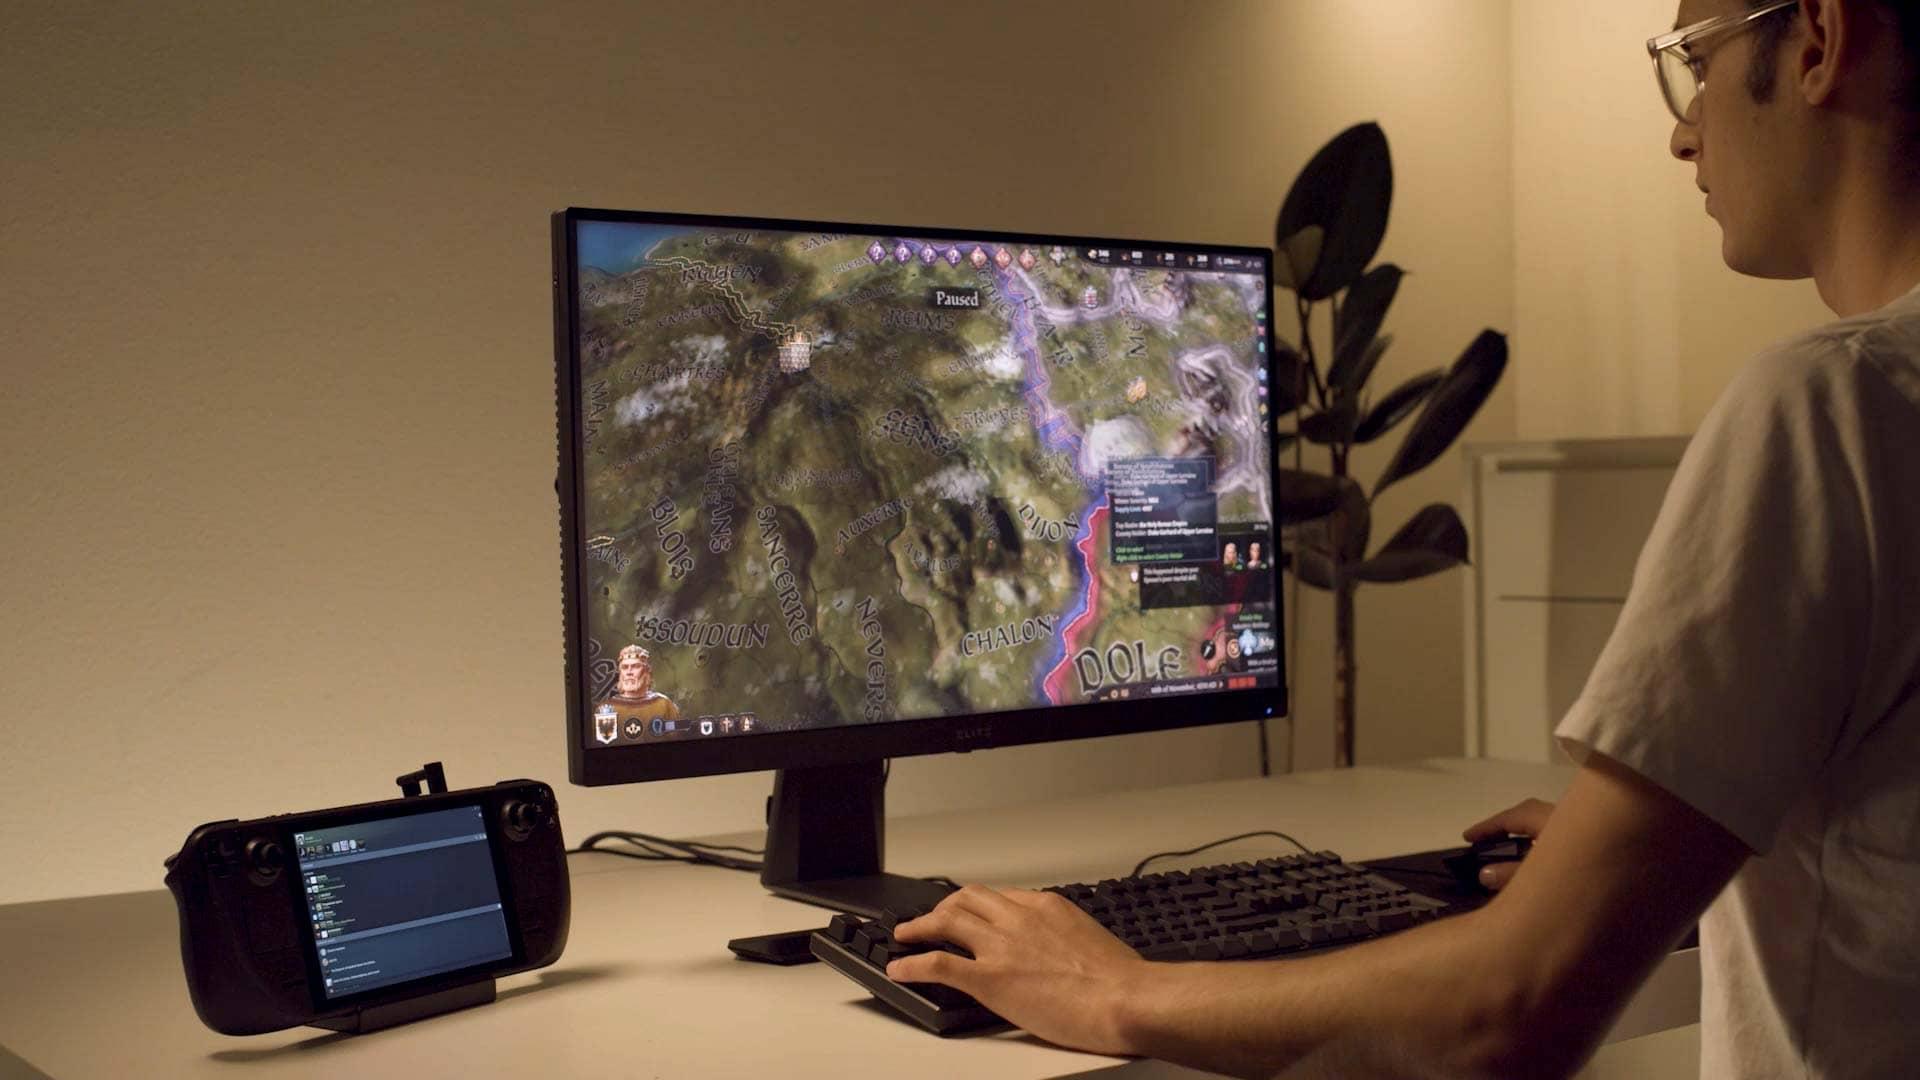 Le Steam Deck permet de jouer sur un moniteur PC grâce à son dock